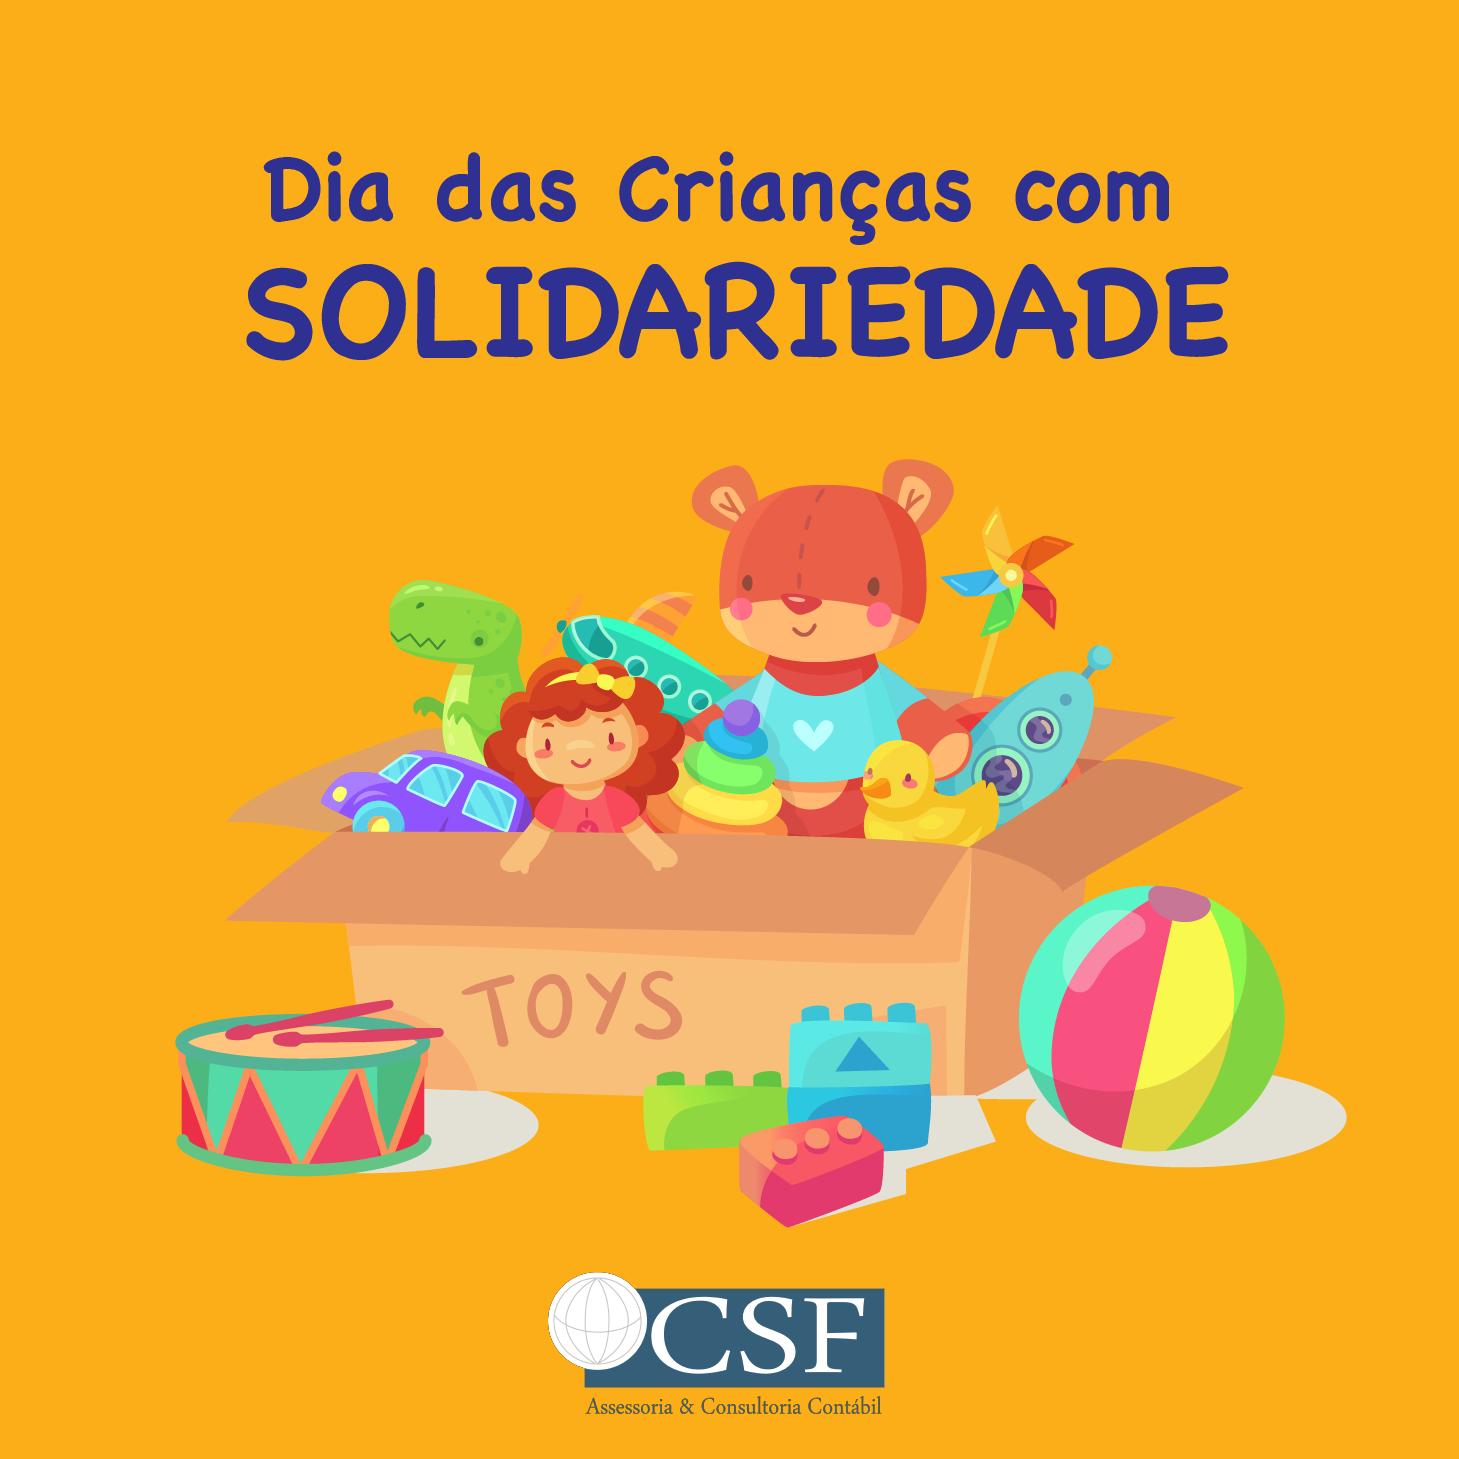 Dia das crianças com solidariedade